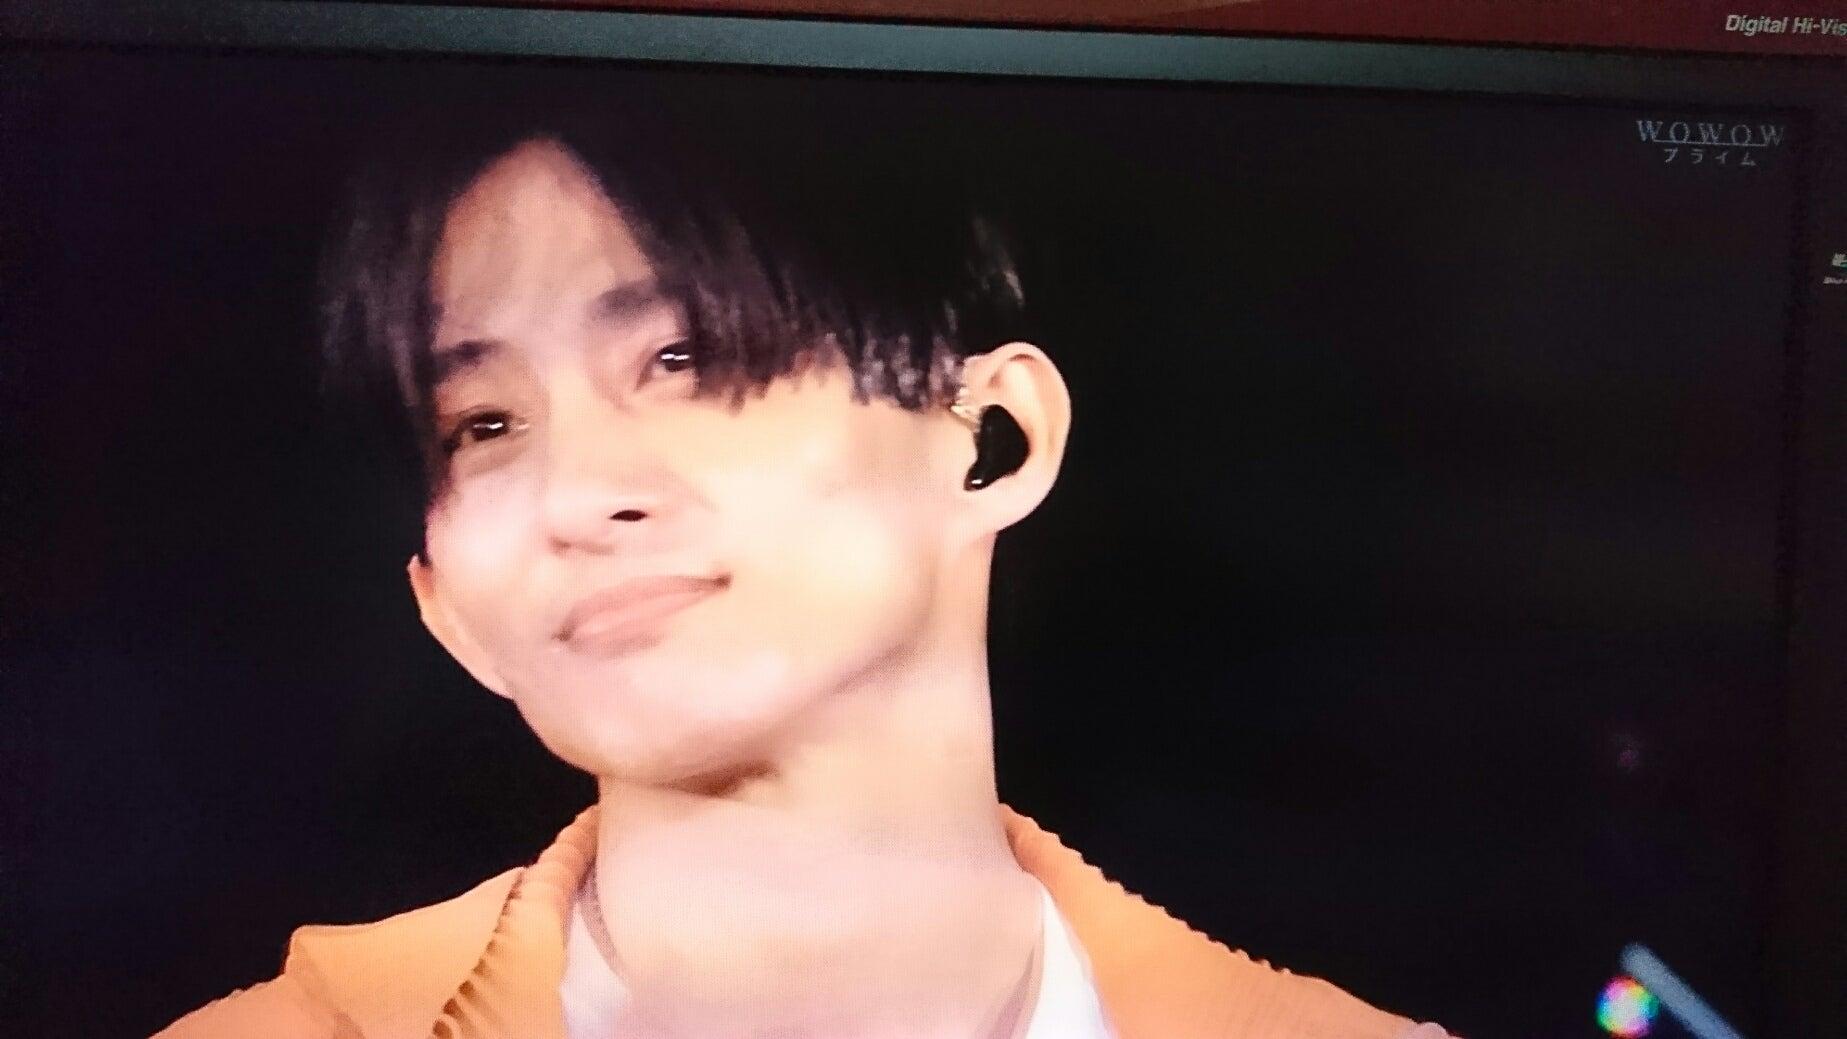 画像 きれいな涙、せつない涙~三宅健と櫻井敦司の見せた涙